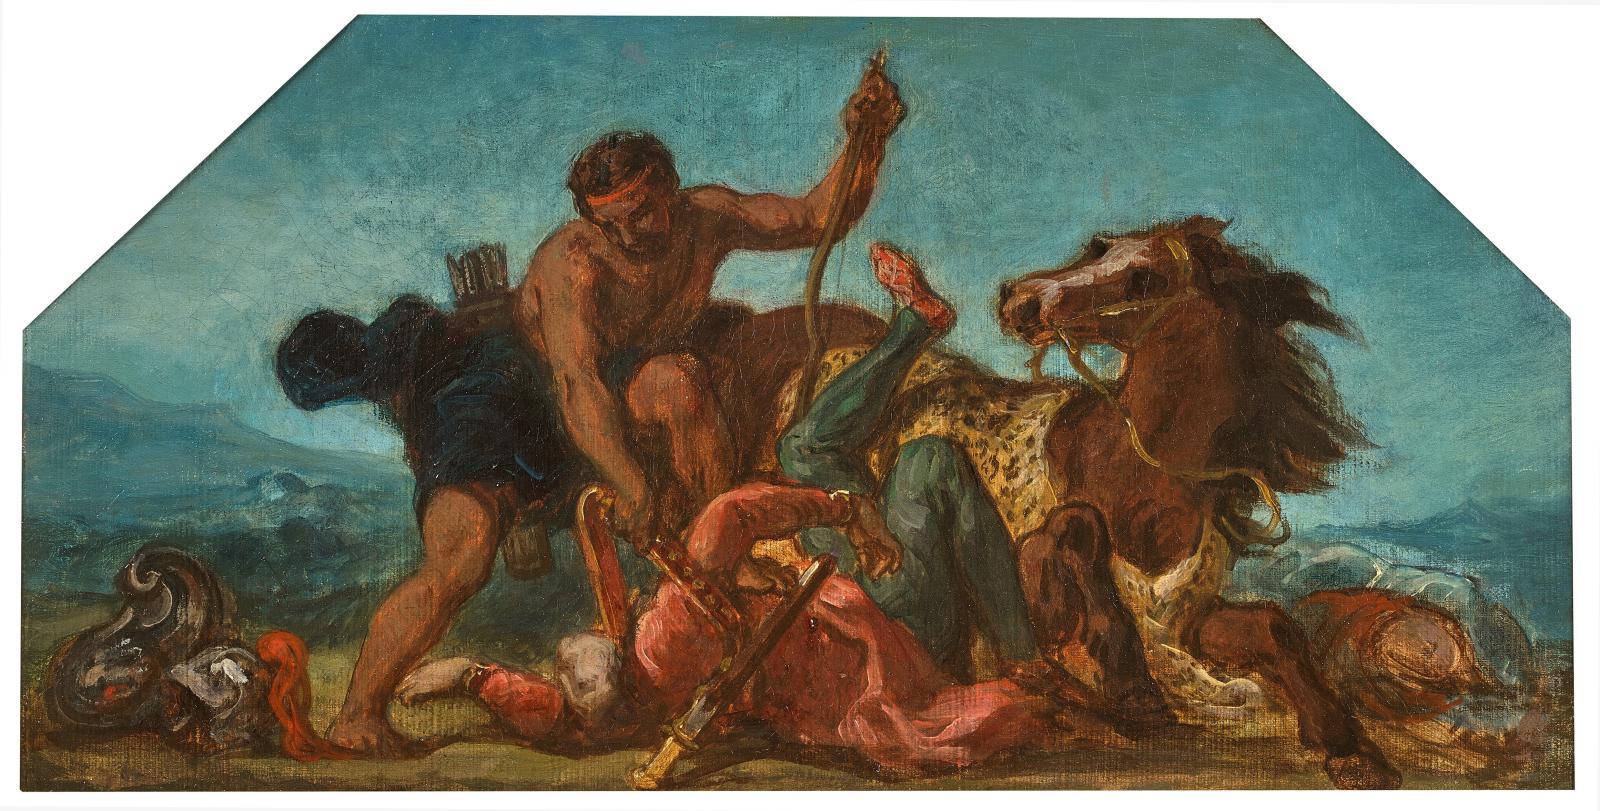 """Ferdinand-Victor-Eugène Delacroix (1798-1863), """"Hercule Seizing Hippolyte's Belt"""", sketch, oil on canvas, 24.5 x 47.5 cm. Galerie de Bayser, Paris."""